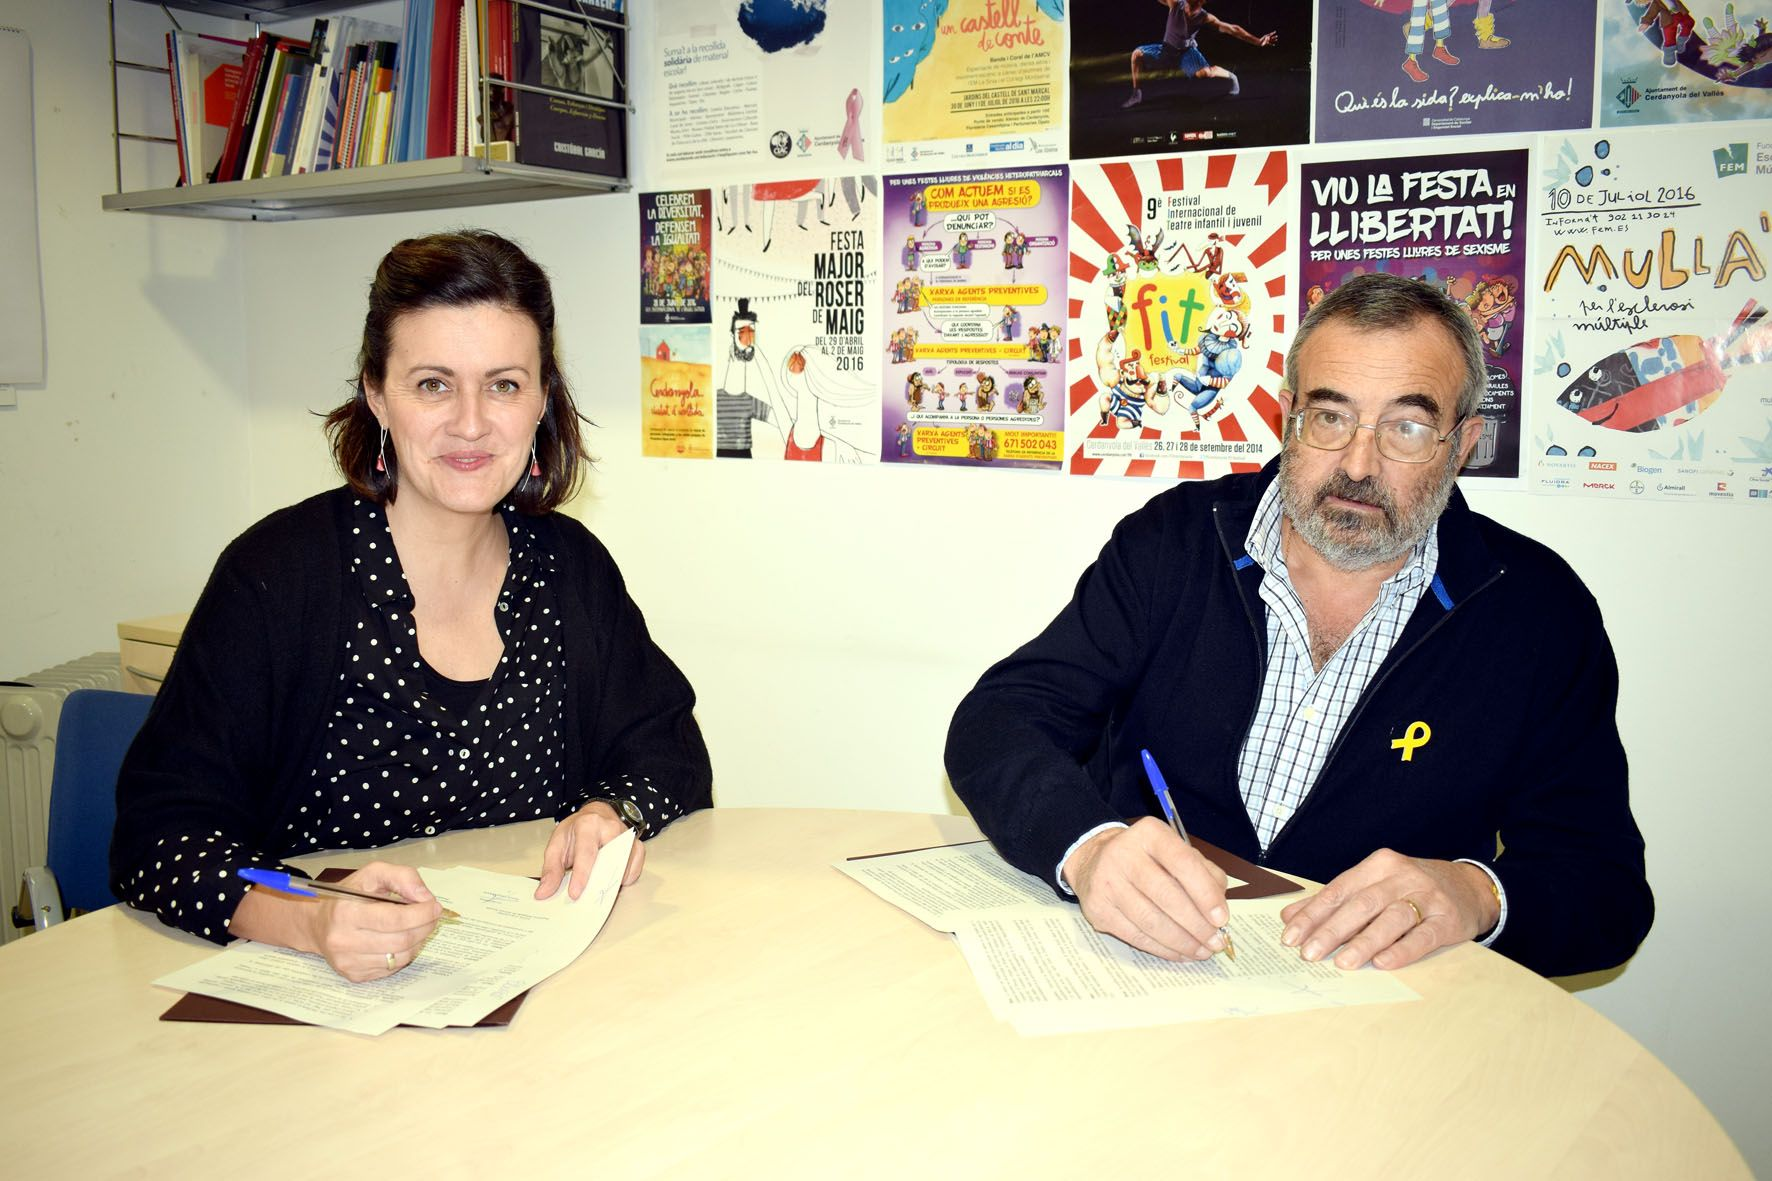 La regidora de Serveis Socials, Elvi Vila, i el president de l'Associació d'amics de Mossèn Rosell, Eduard Lluís.